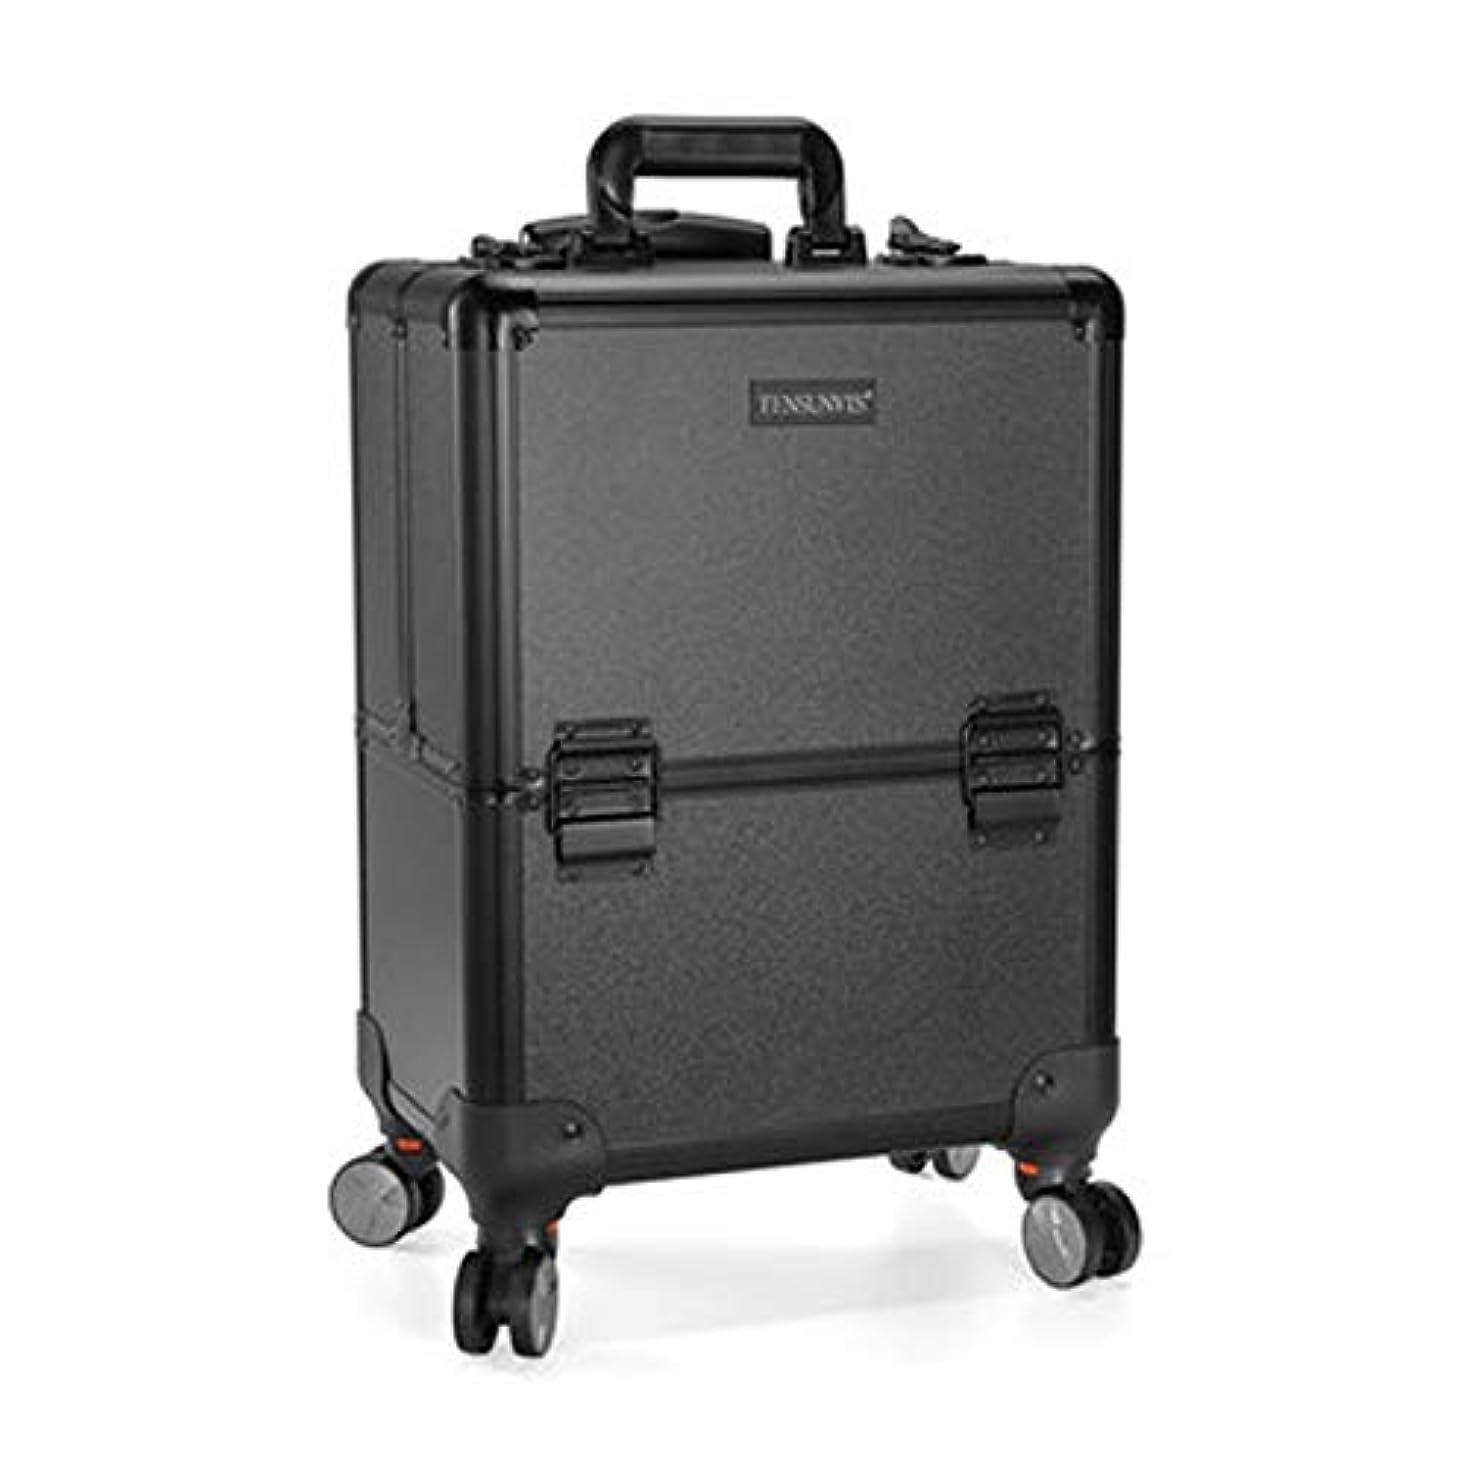 速報れんがアフリカプロ専用 美容師 クローゼット スーツケース メイクボックス キャリーバッグ ヘアメイク プロ 大容量 軽量 高品質 多機能 I-TT-317T-B